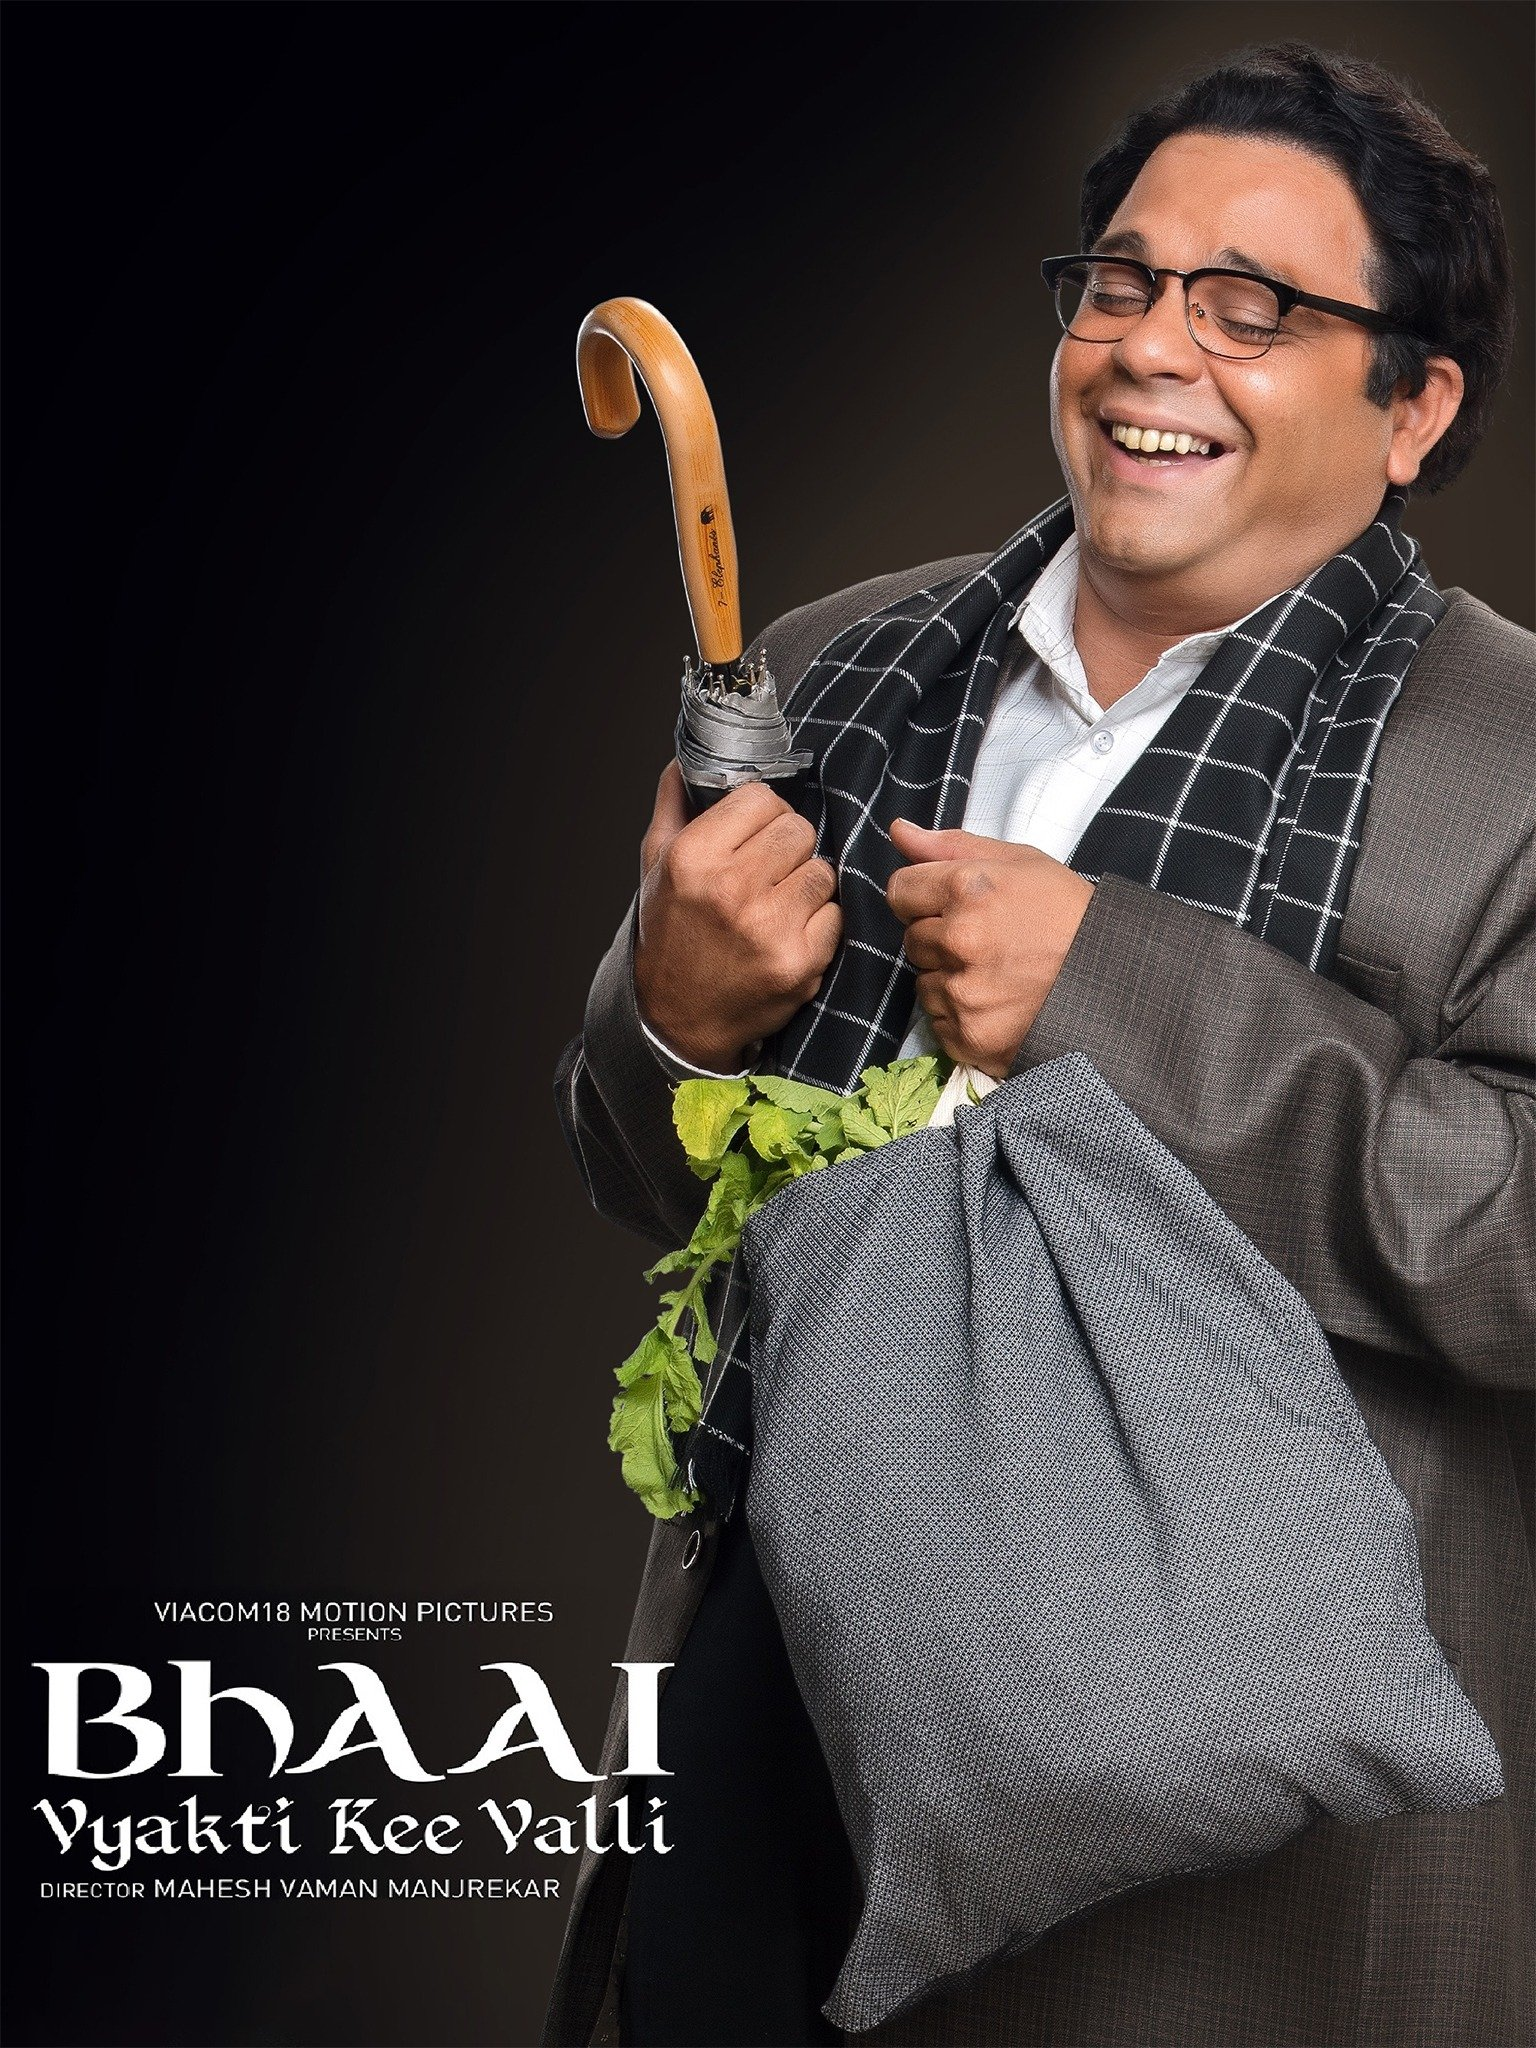 Bhai Vyakti Ki Valli